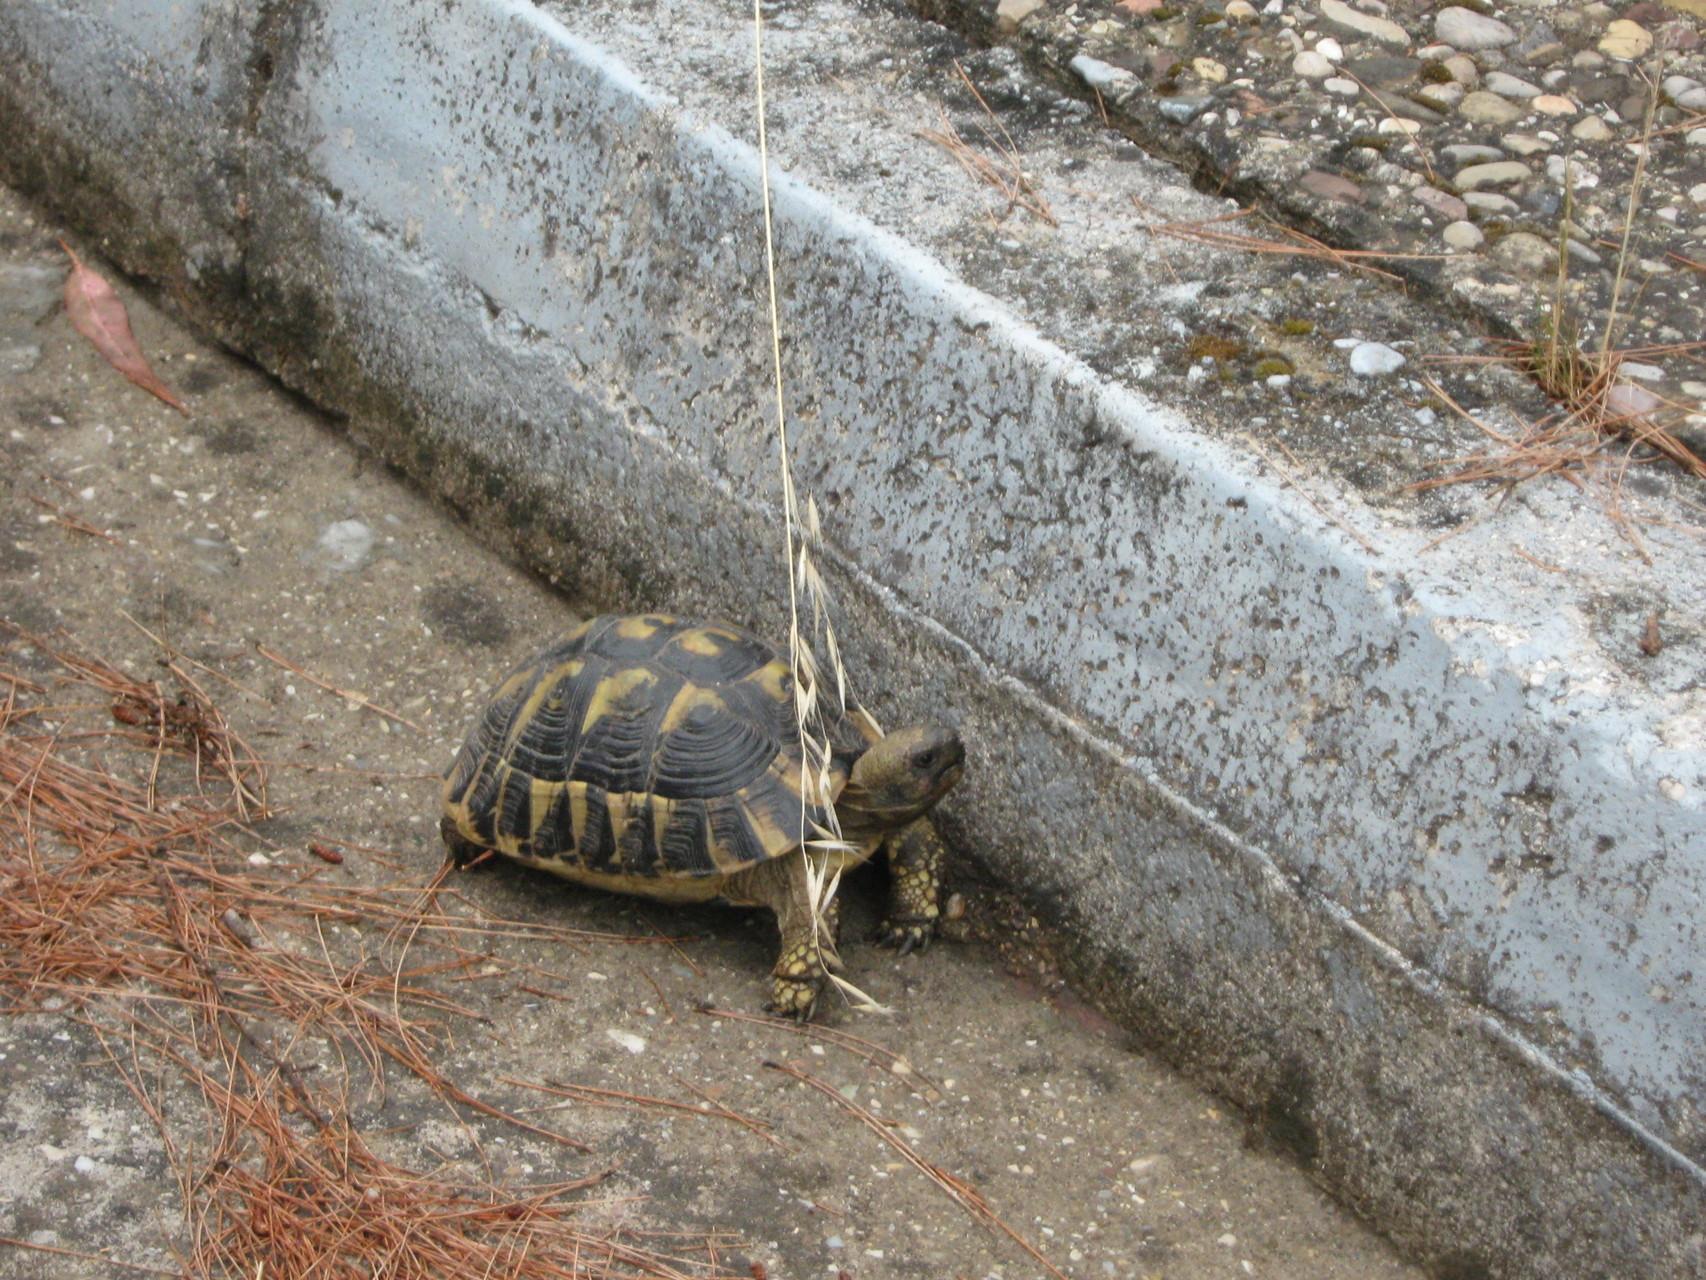 sauvetage d'une tortue égarée sur la route ...